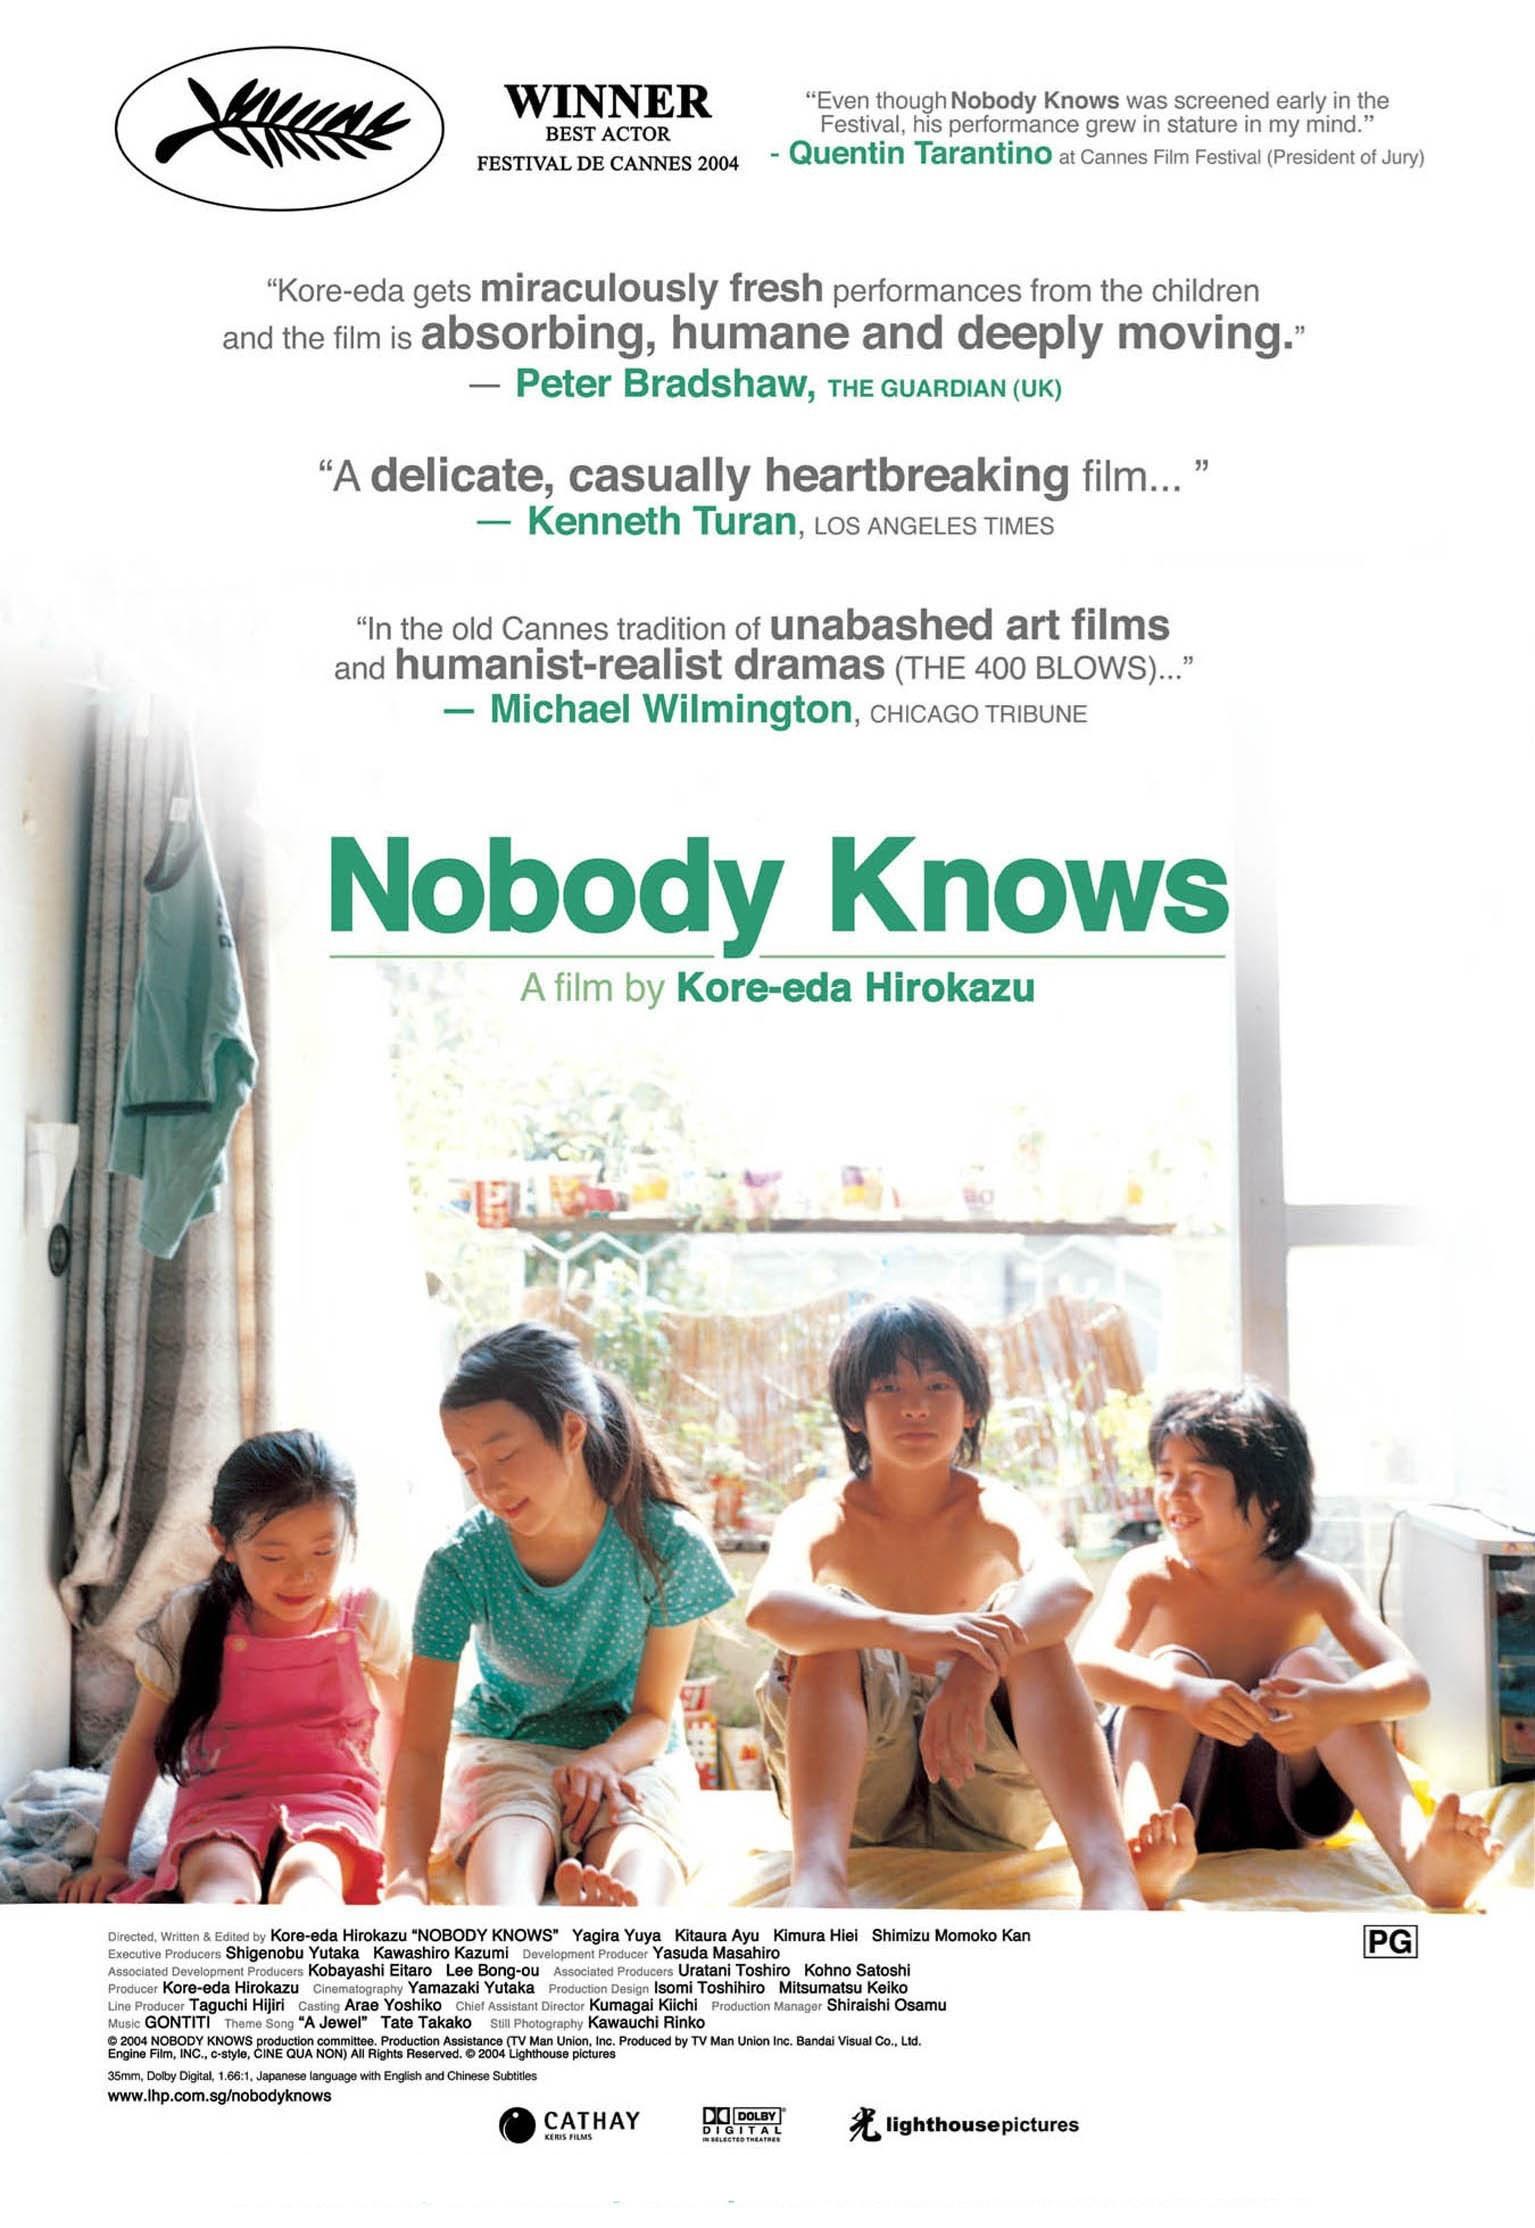 NOBODY KNOWS [Dare mo shiranai]